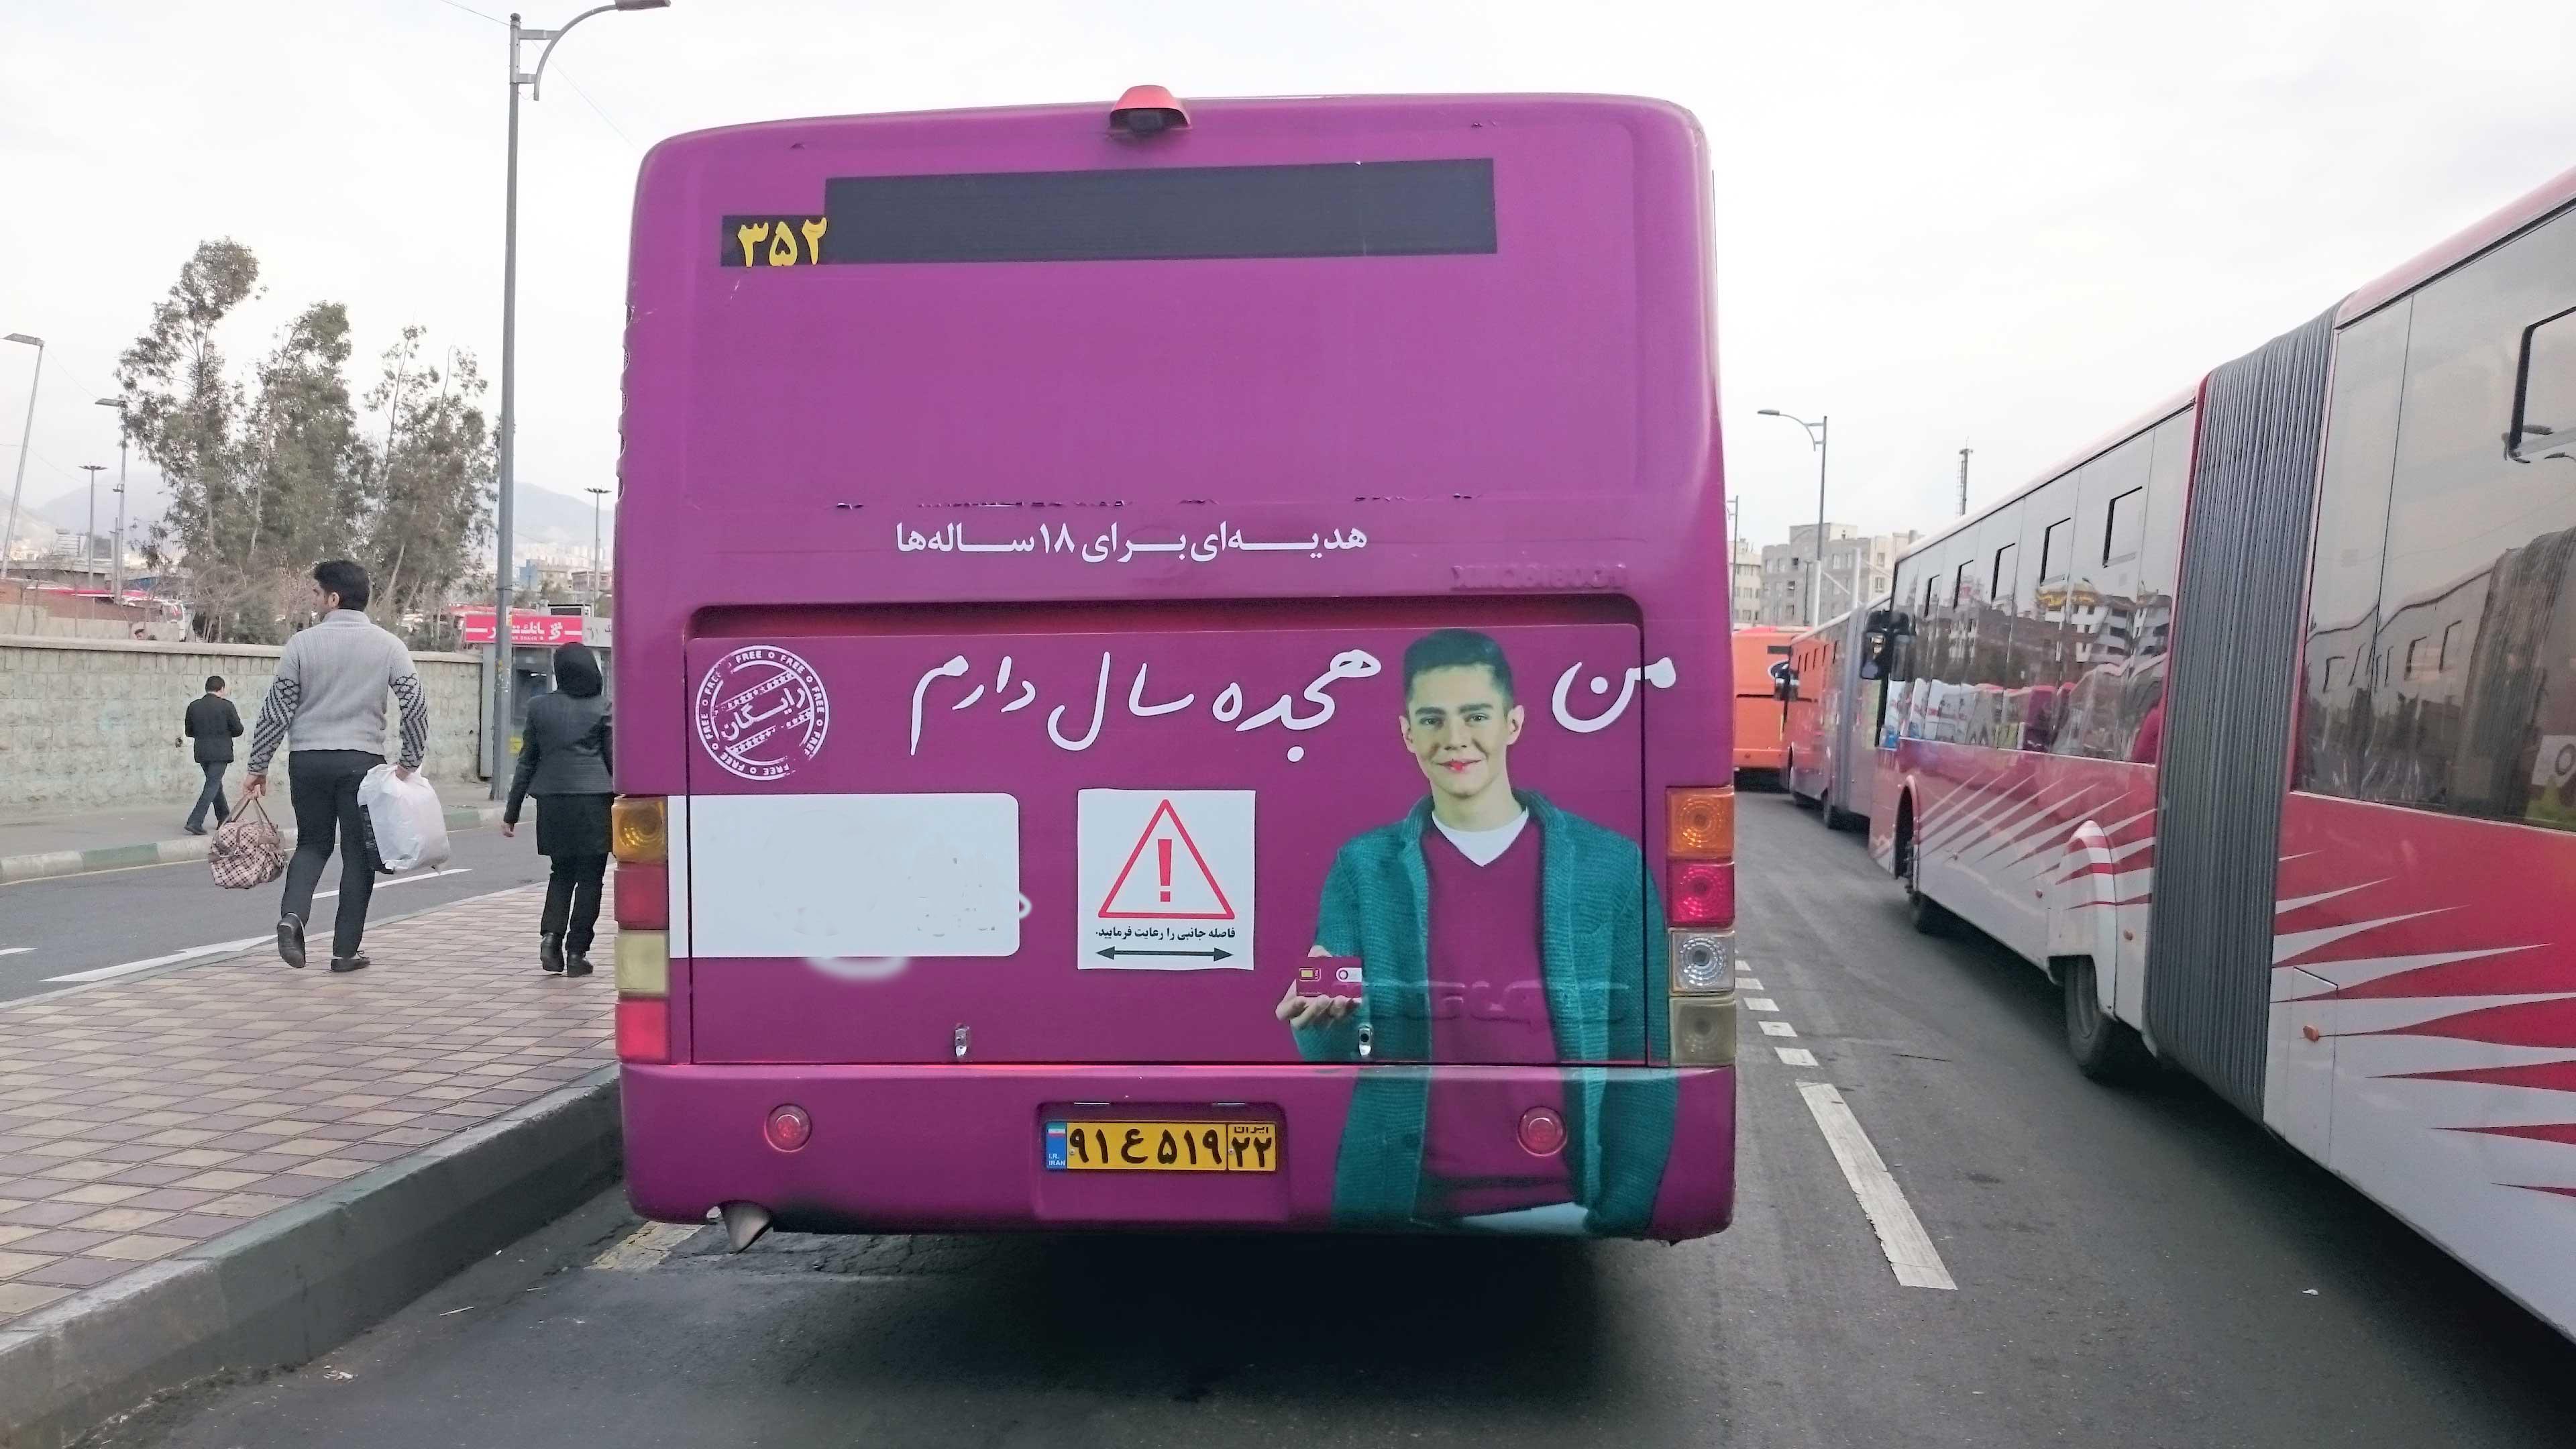 وقتی شهر پشت تبلیغات رنگ می بازد/ مقصد زندان های متحرک در شهر تهران کجاست؟